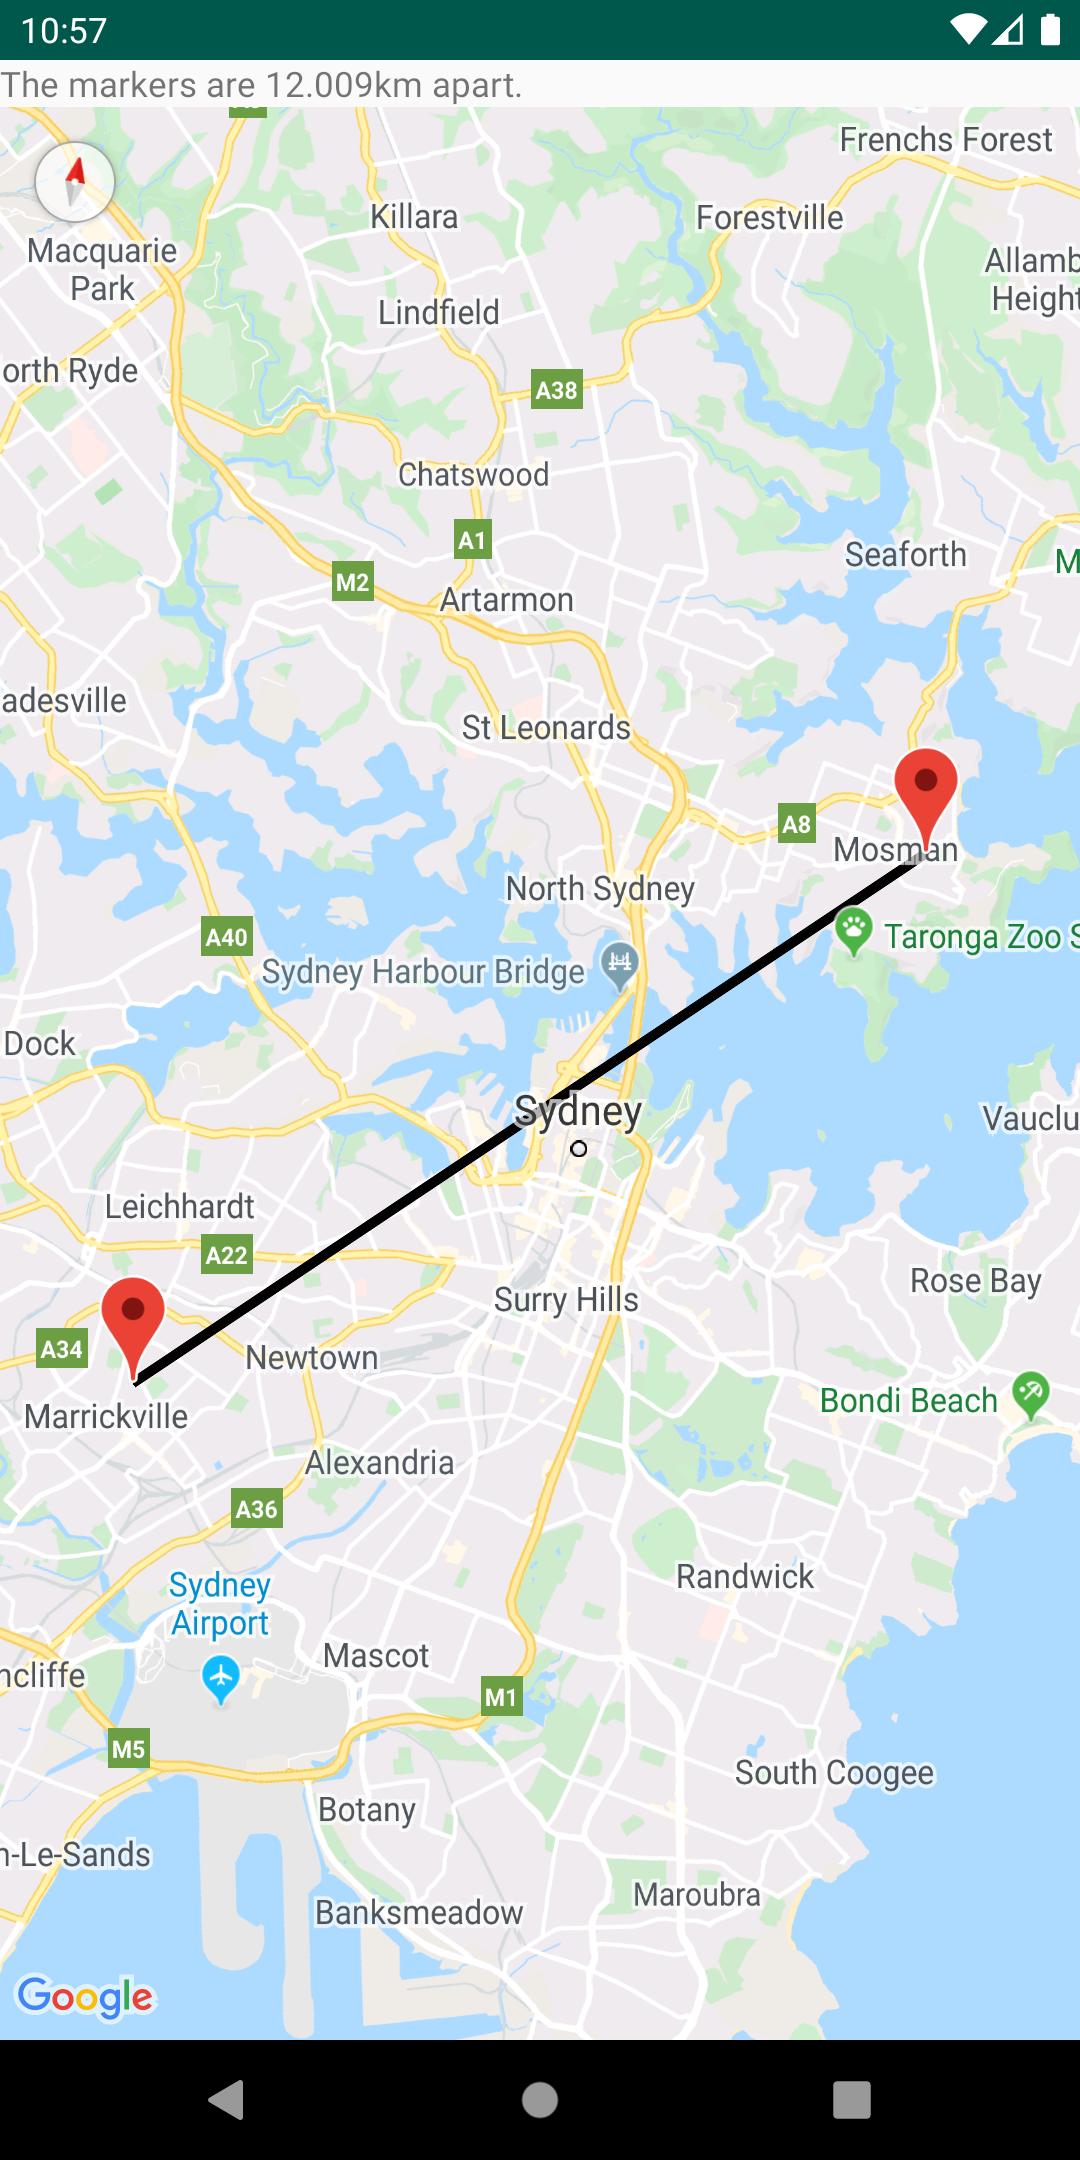 計算地圖上兩點之間的距離